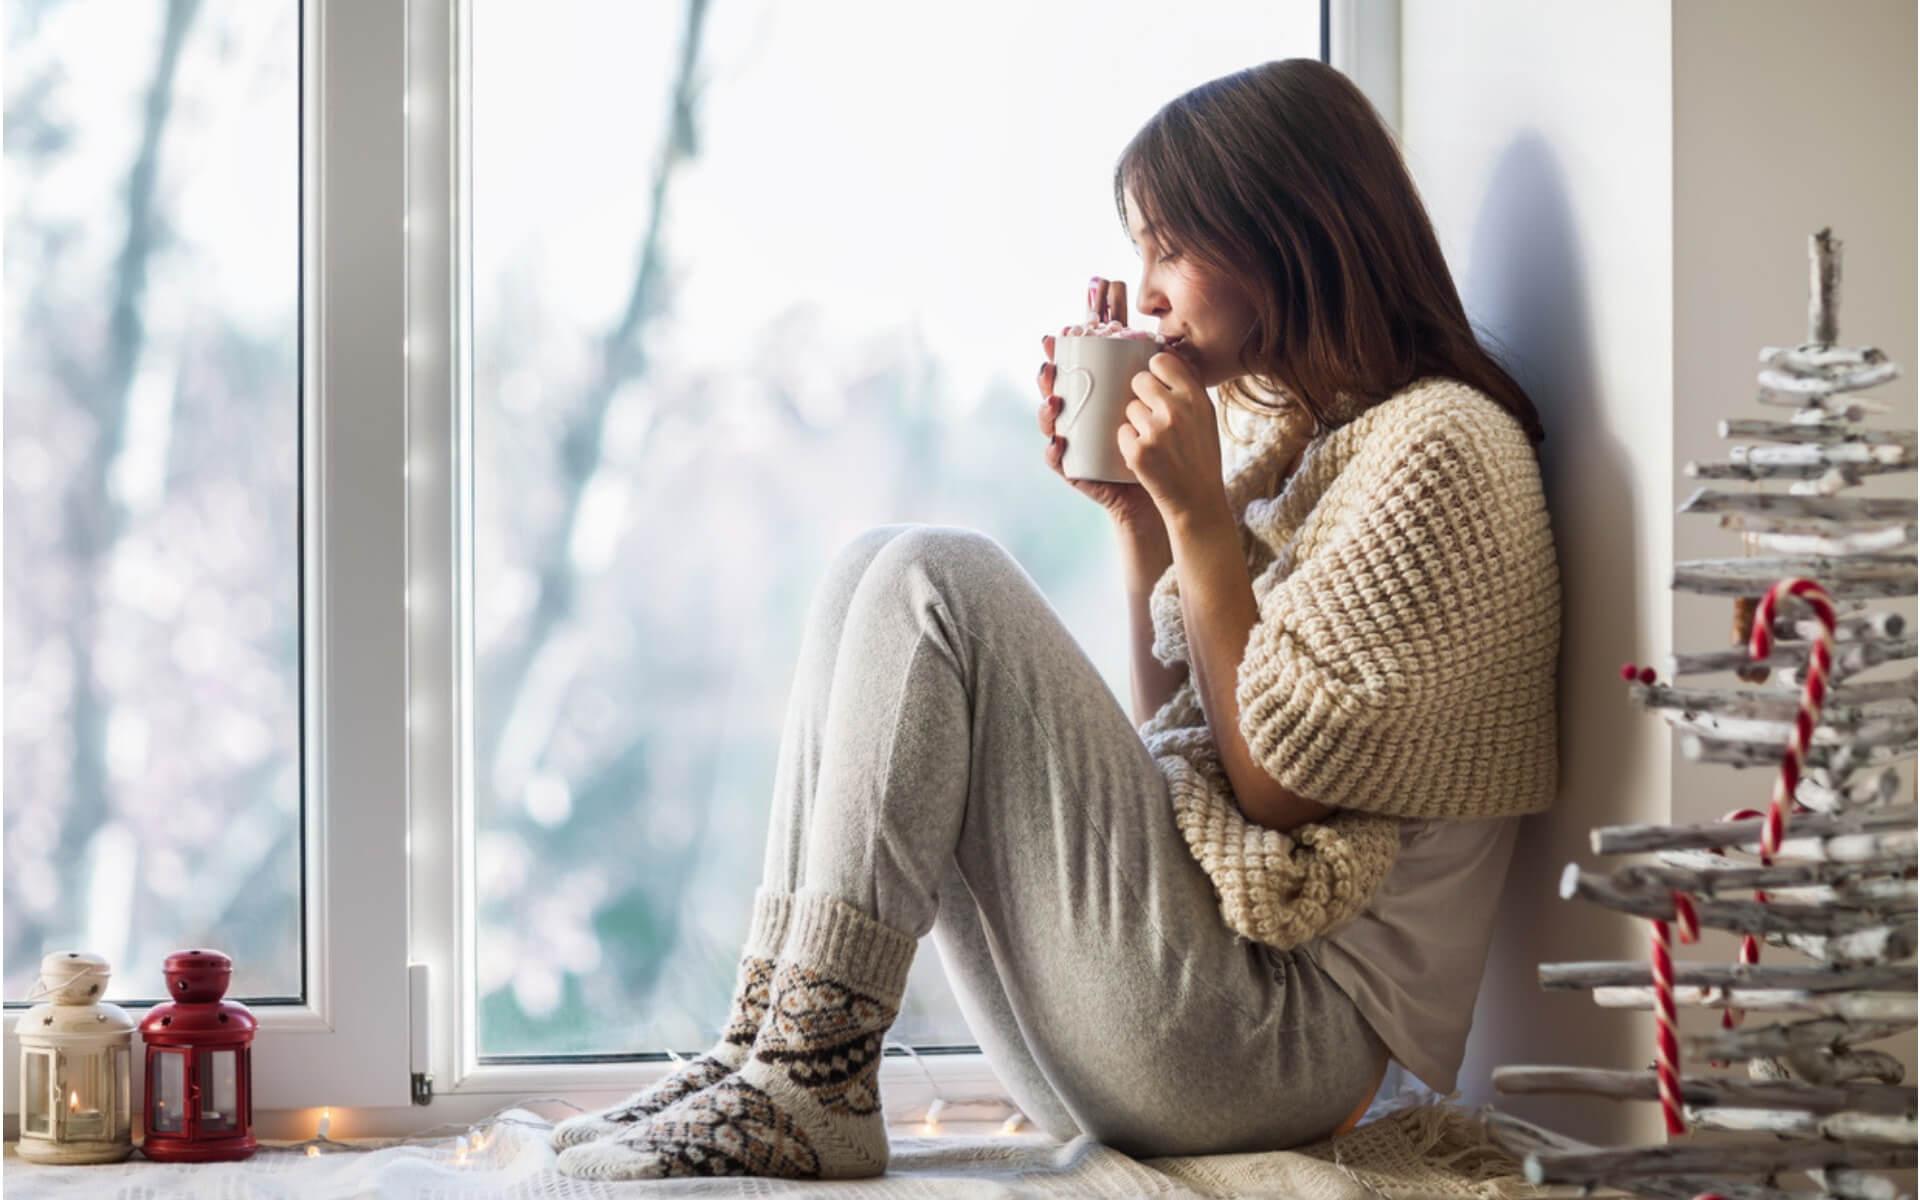 Consigli pratici e semplici per eliminare i fastidiosi spifferi e le correnti d'aria dalle finestre